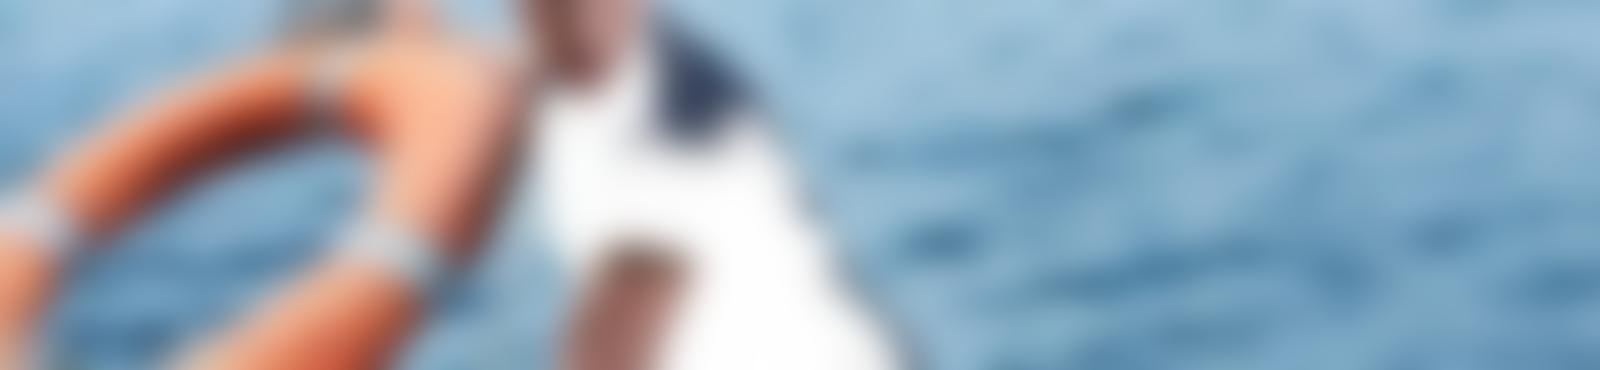 Blurred 2277b27e b66f 48ab aa0e 02e21c016676